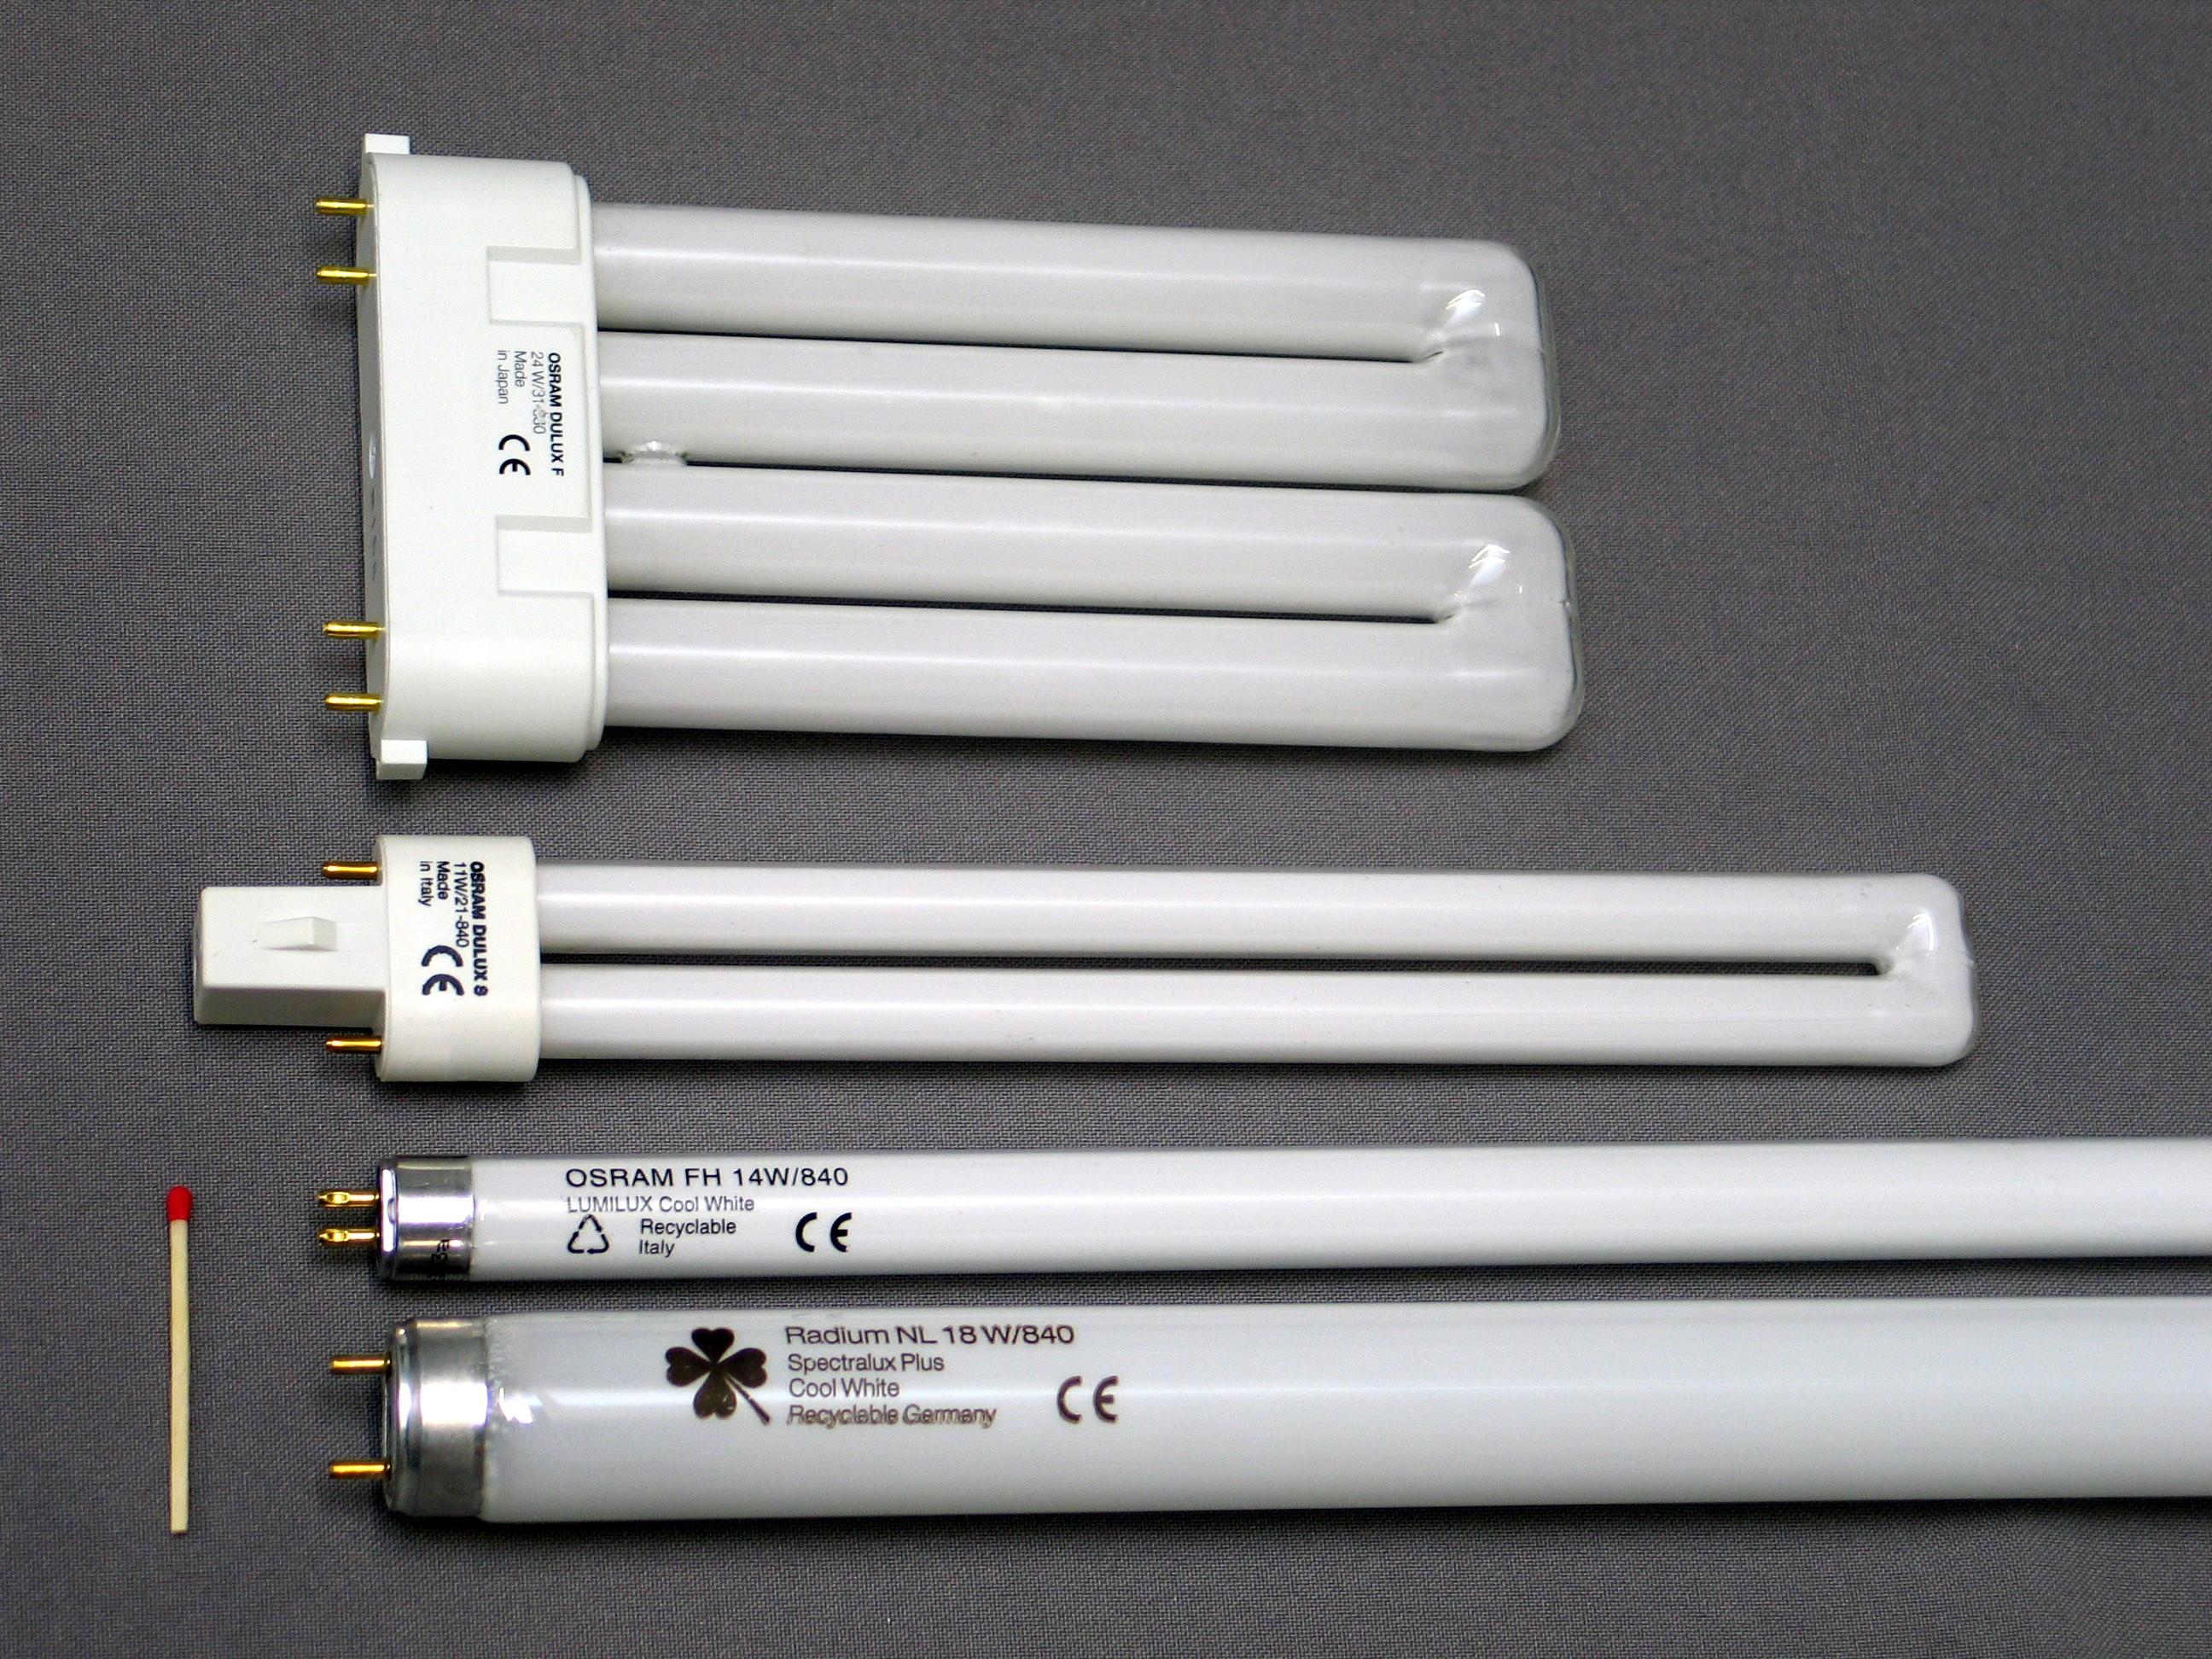 Как правильно выбрать лампы для растений